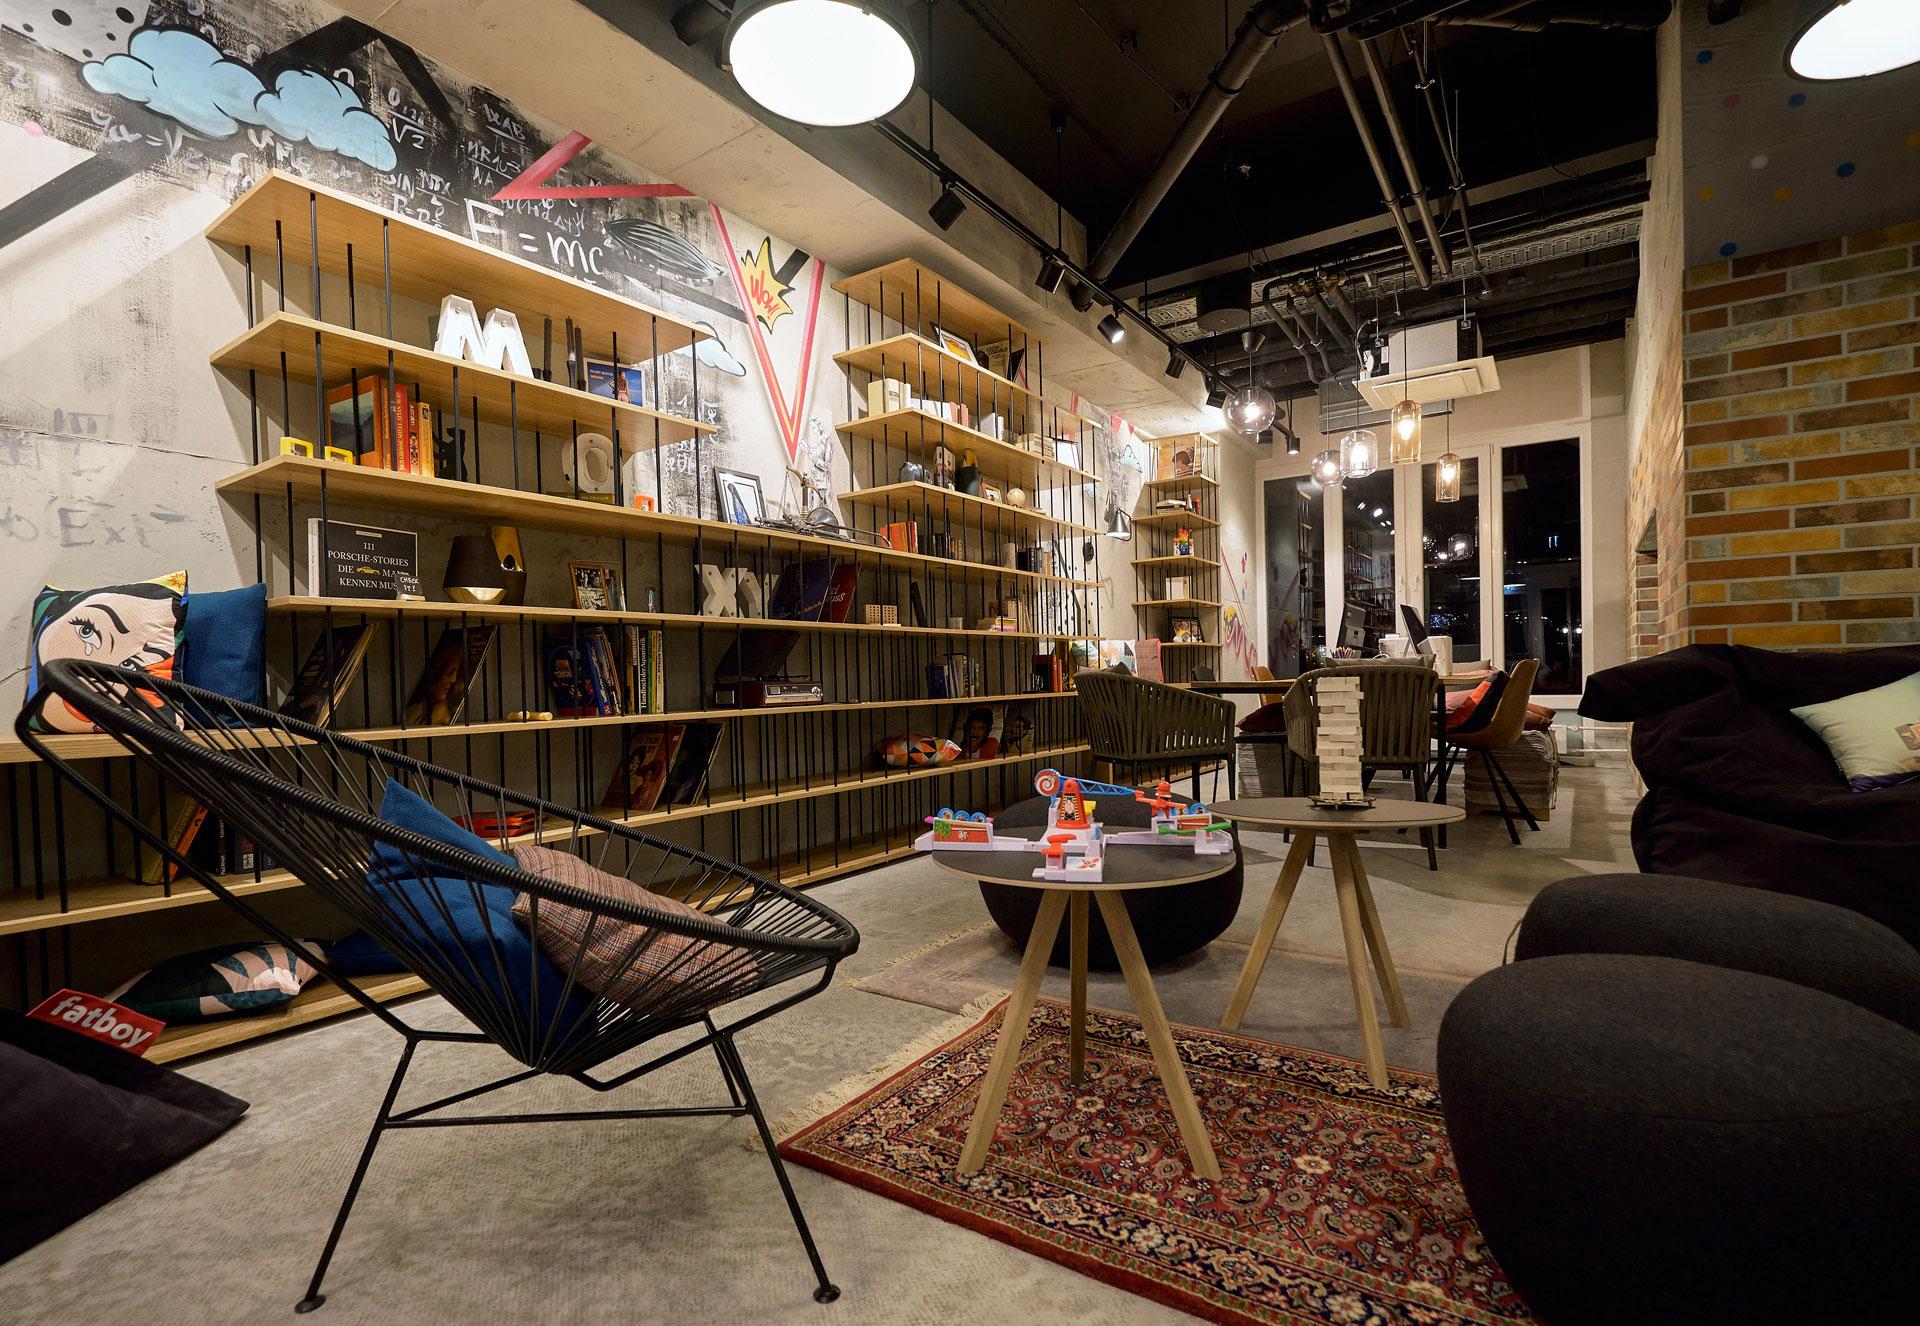 Sitzecke in der Lounge im Hotel Moxy am Humboldtpark in Berlin